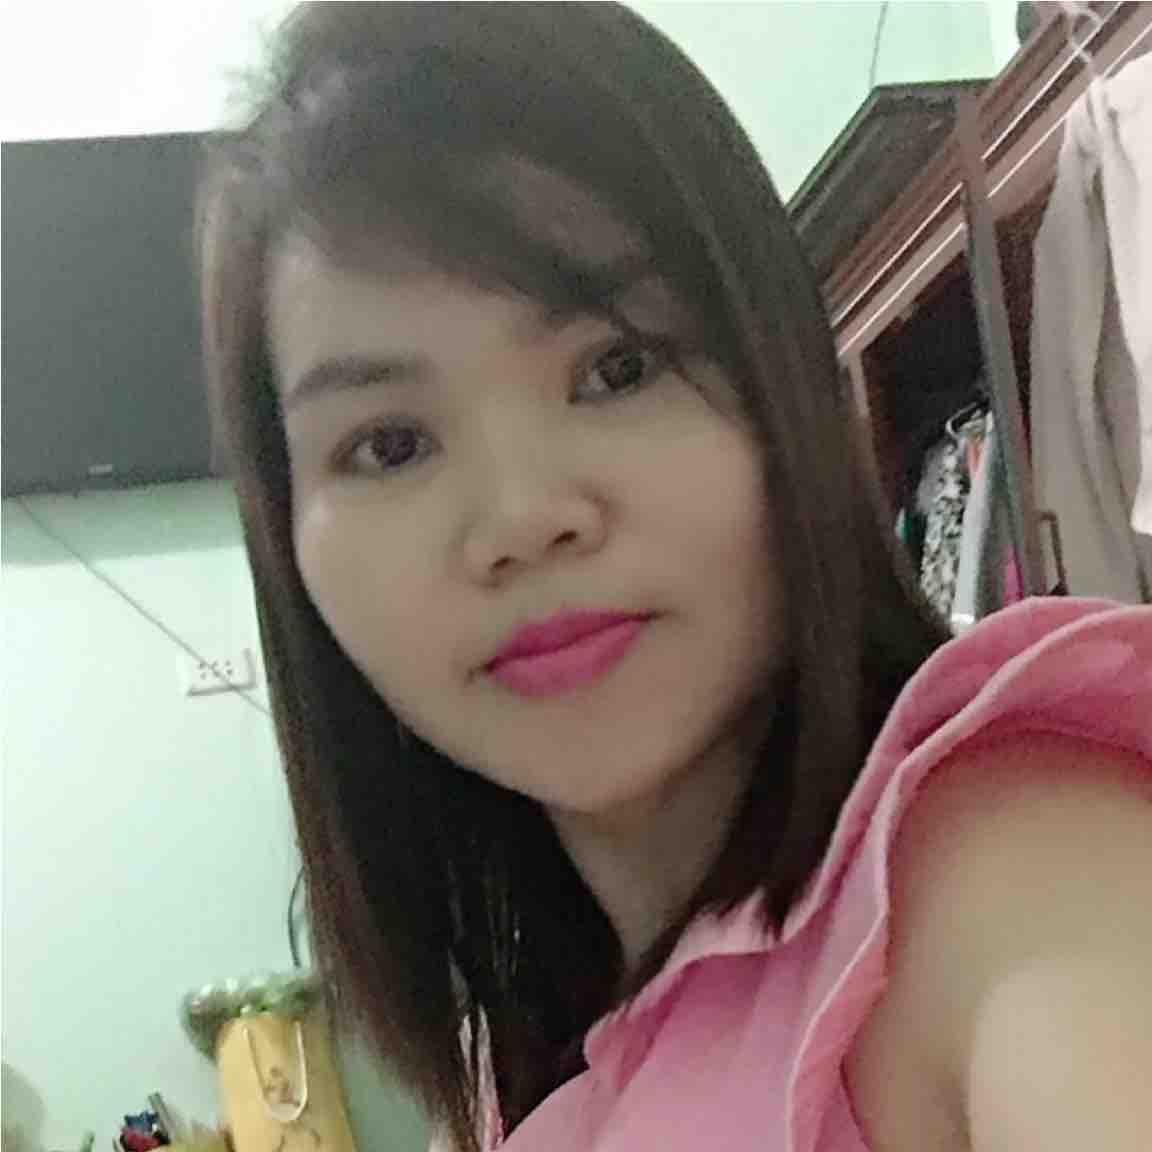 Hong Tham Vu